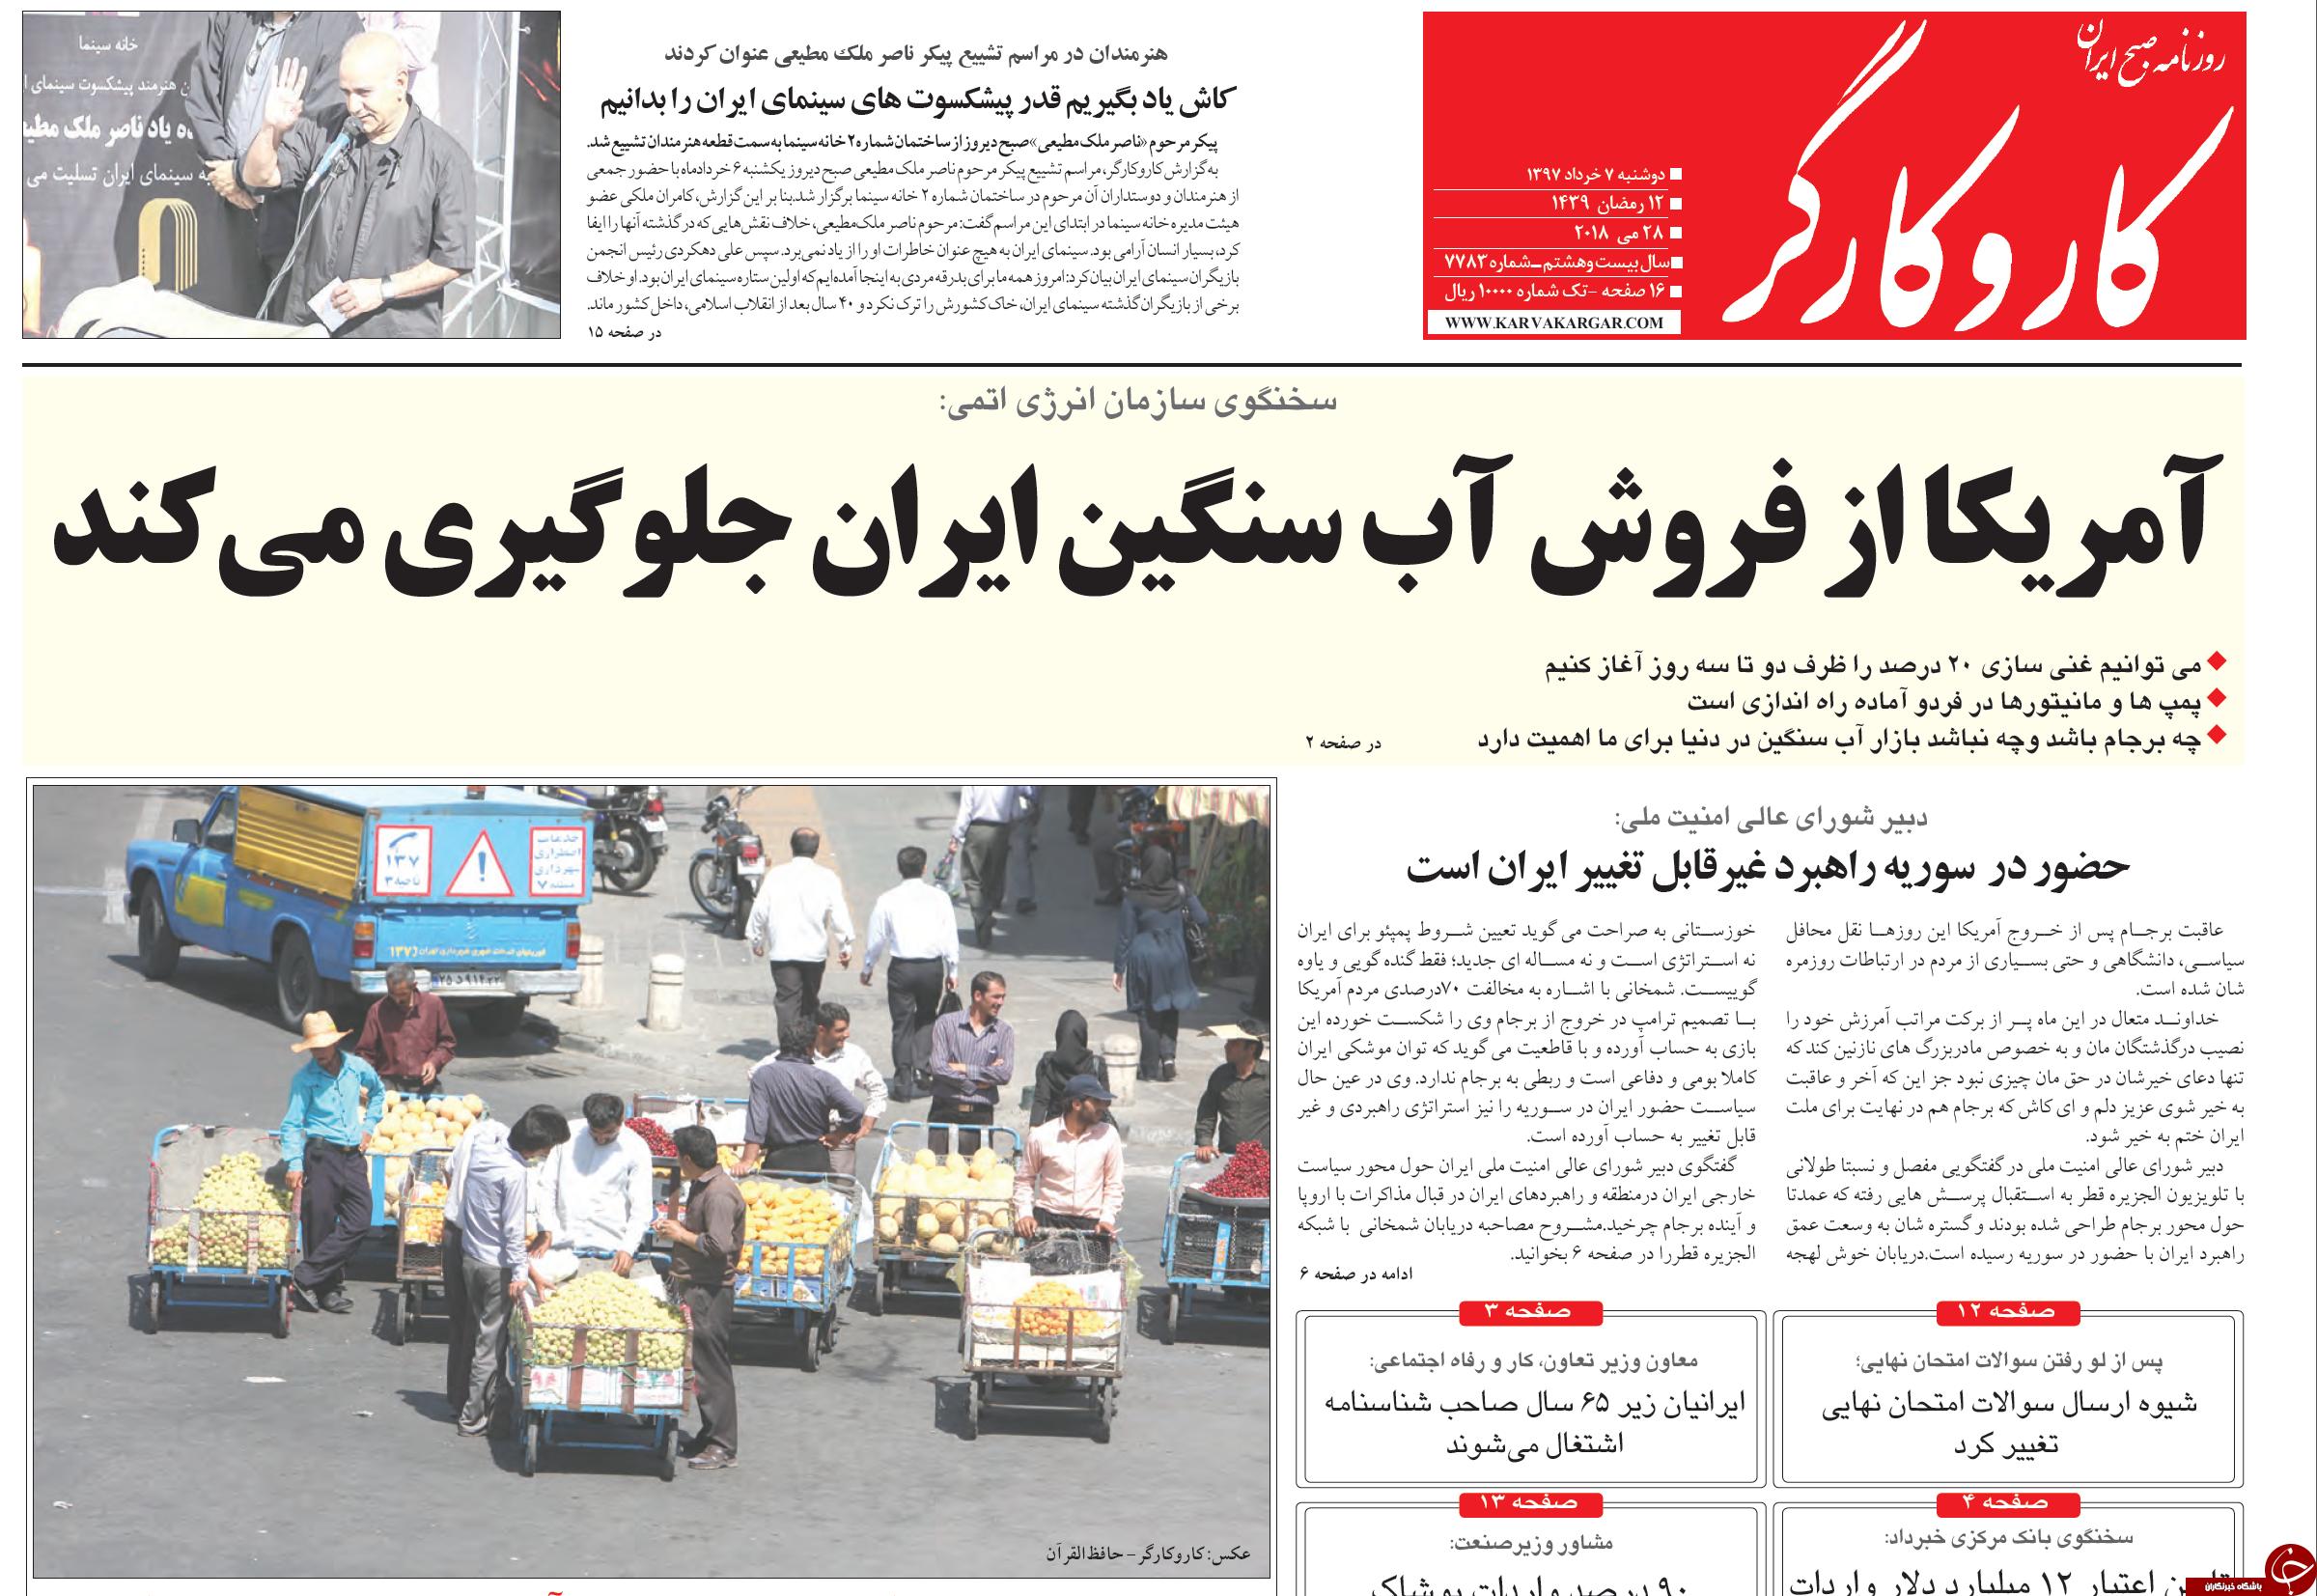 نوید خوش به سپرده گذاران ثامن الحجج/دو تابعیتیها در بانک مرکزی مشاور بودهاند/اقتصاد بیبرجام با مردم